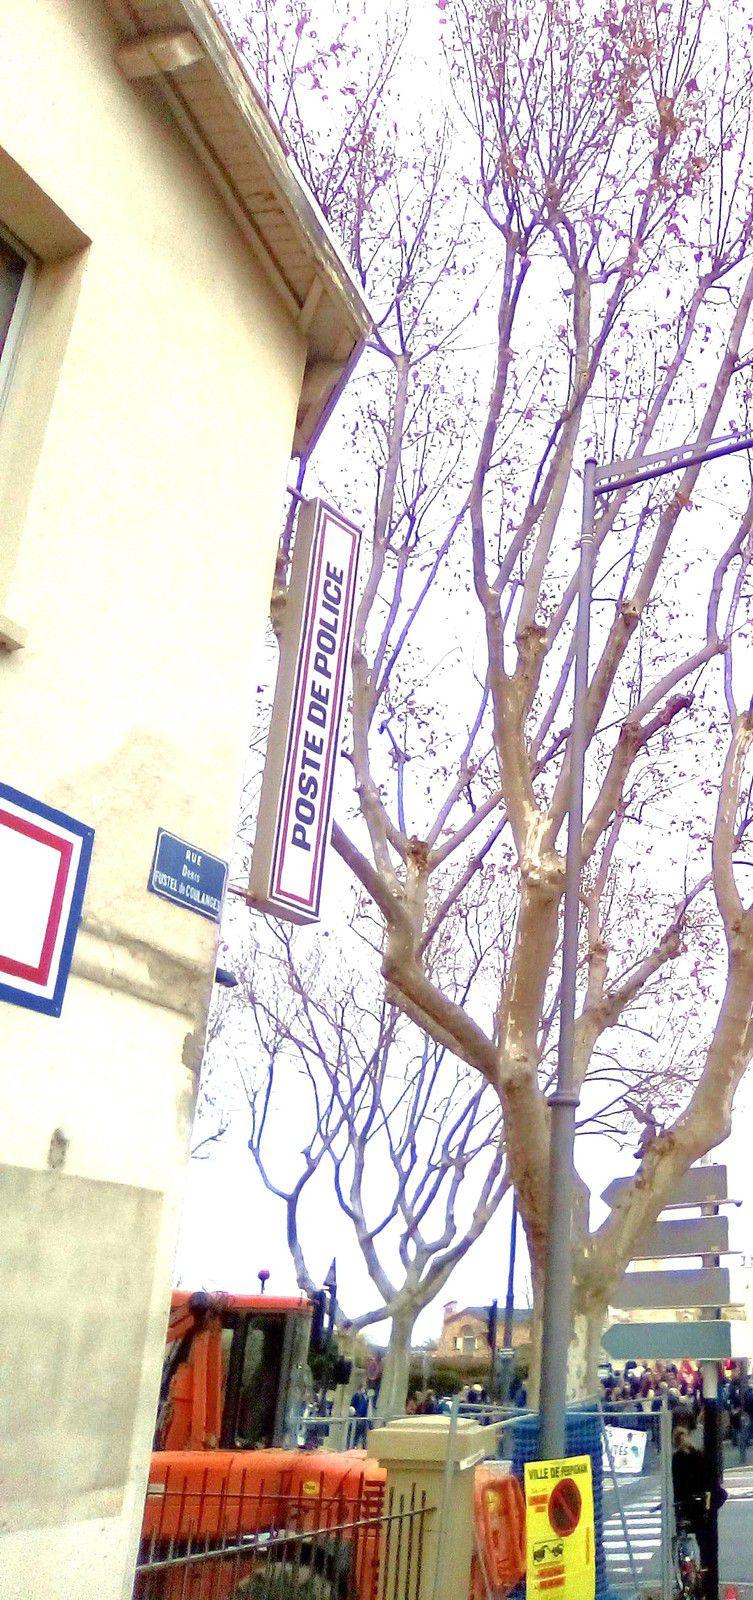 Juillet-décembre 2020 : 6 mois d'Aliot à Perpignan Par Olivier GANDOU